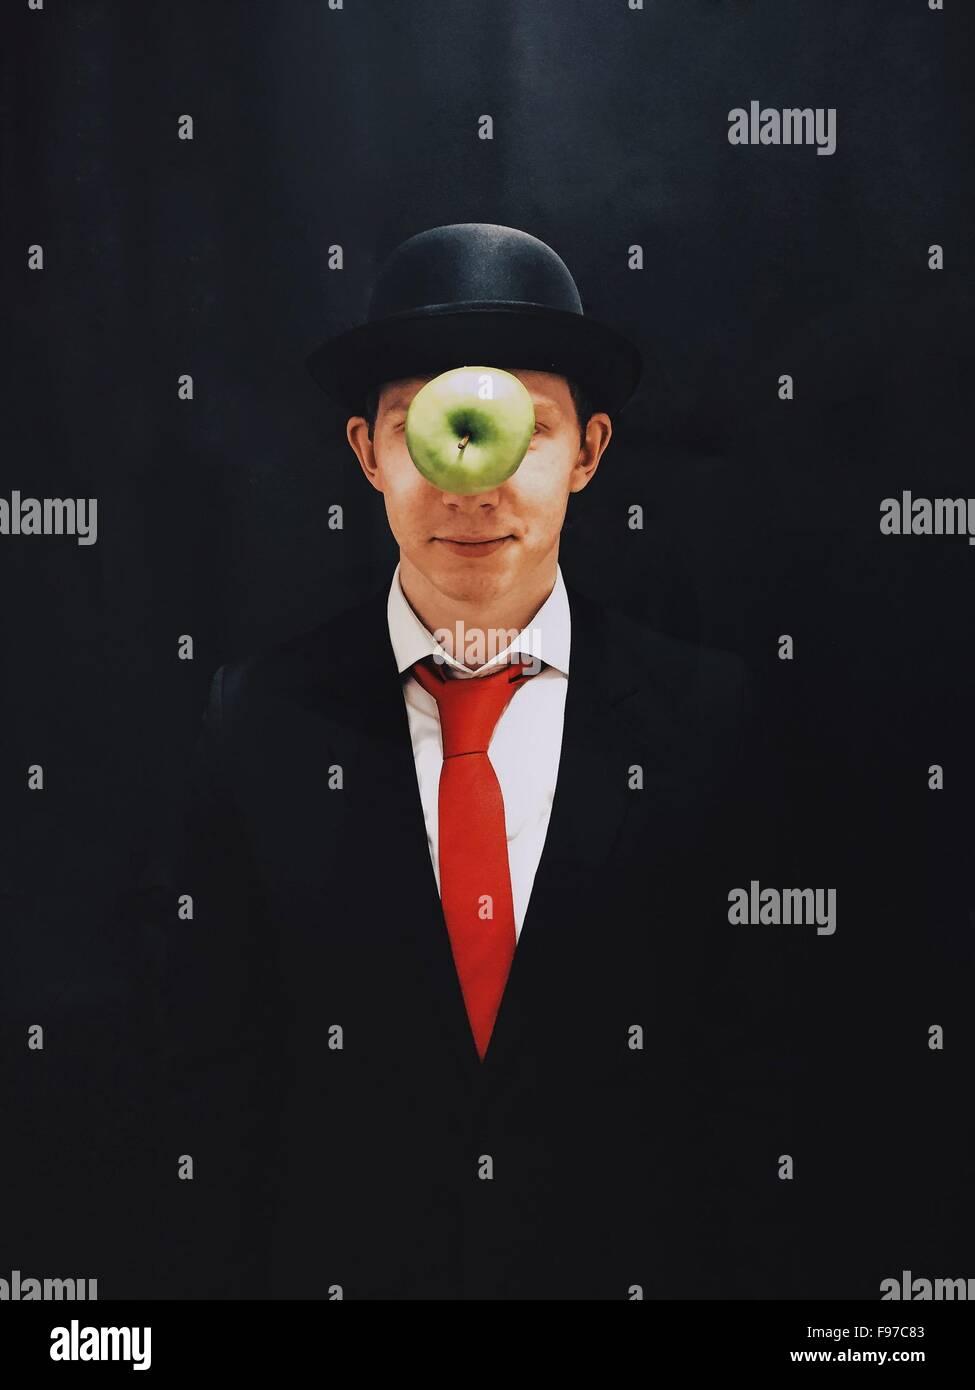 Apple nel Mid-Air nella parte anteriore dell'uomo con il cappello su sfondo nero Immagini Stock